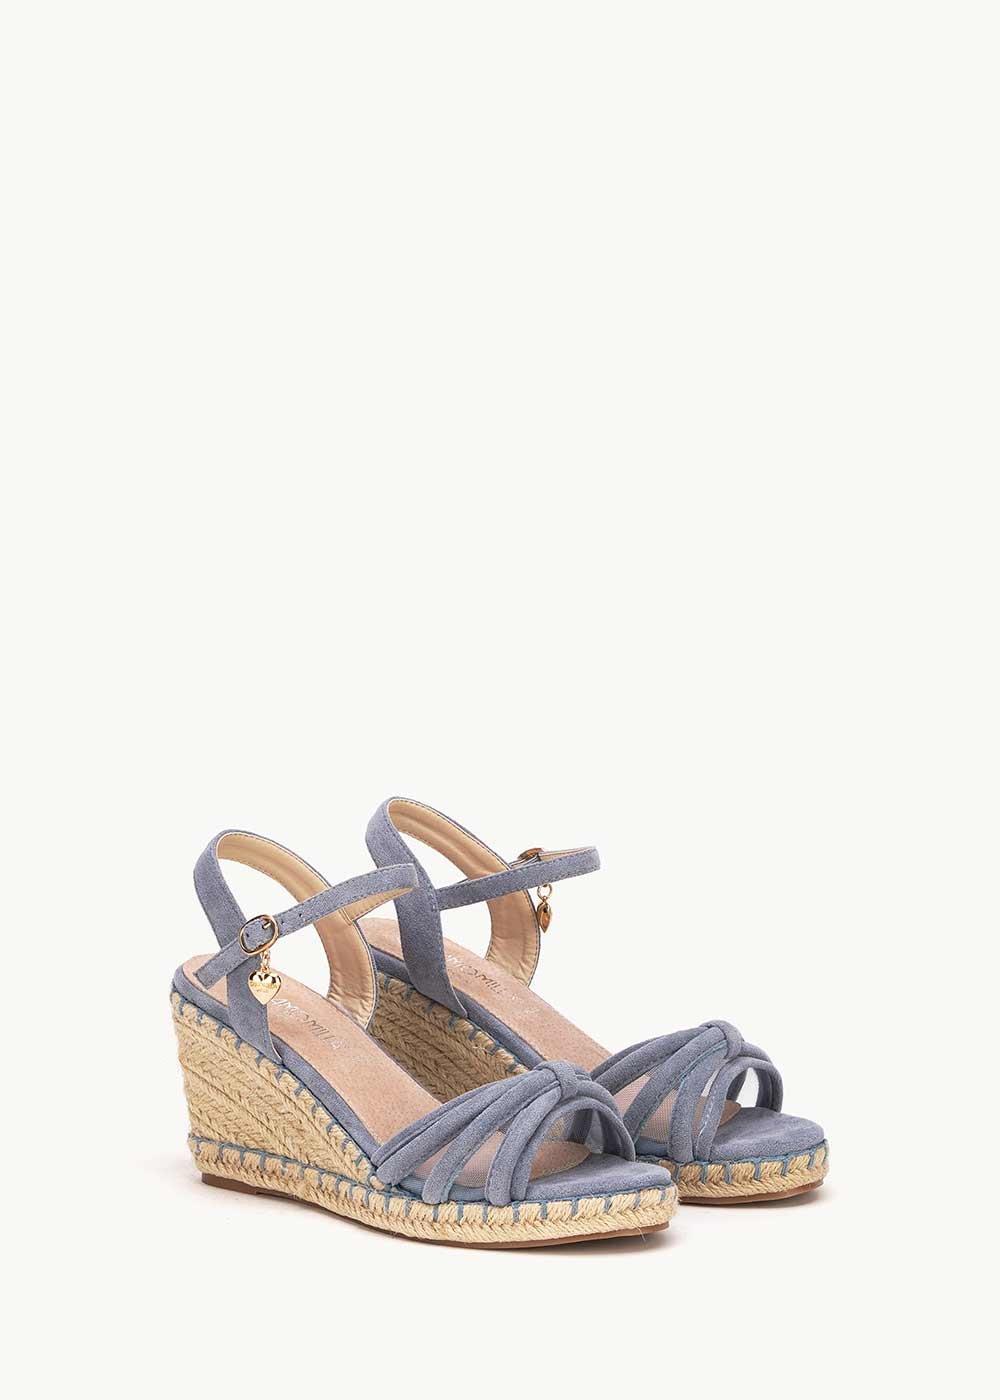 Syd sandal with straw wedge heel - Fog - Woman